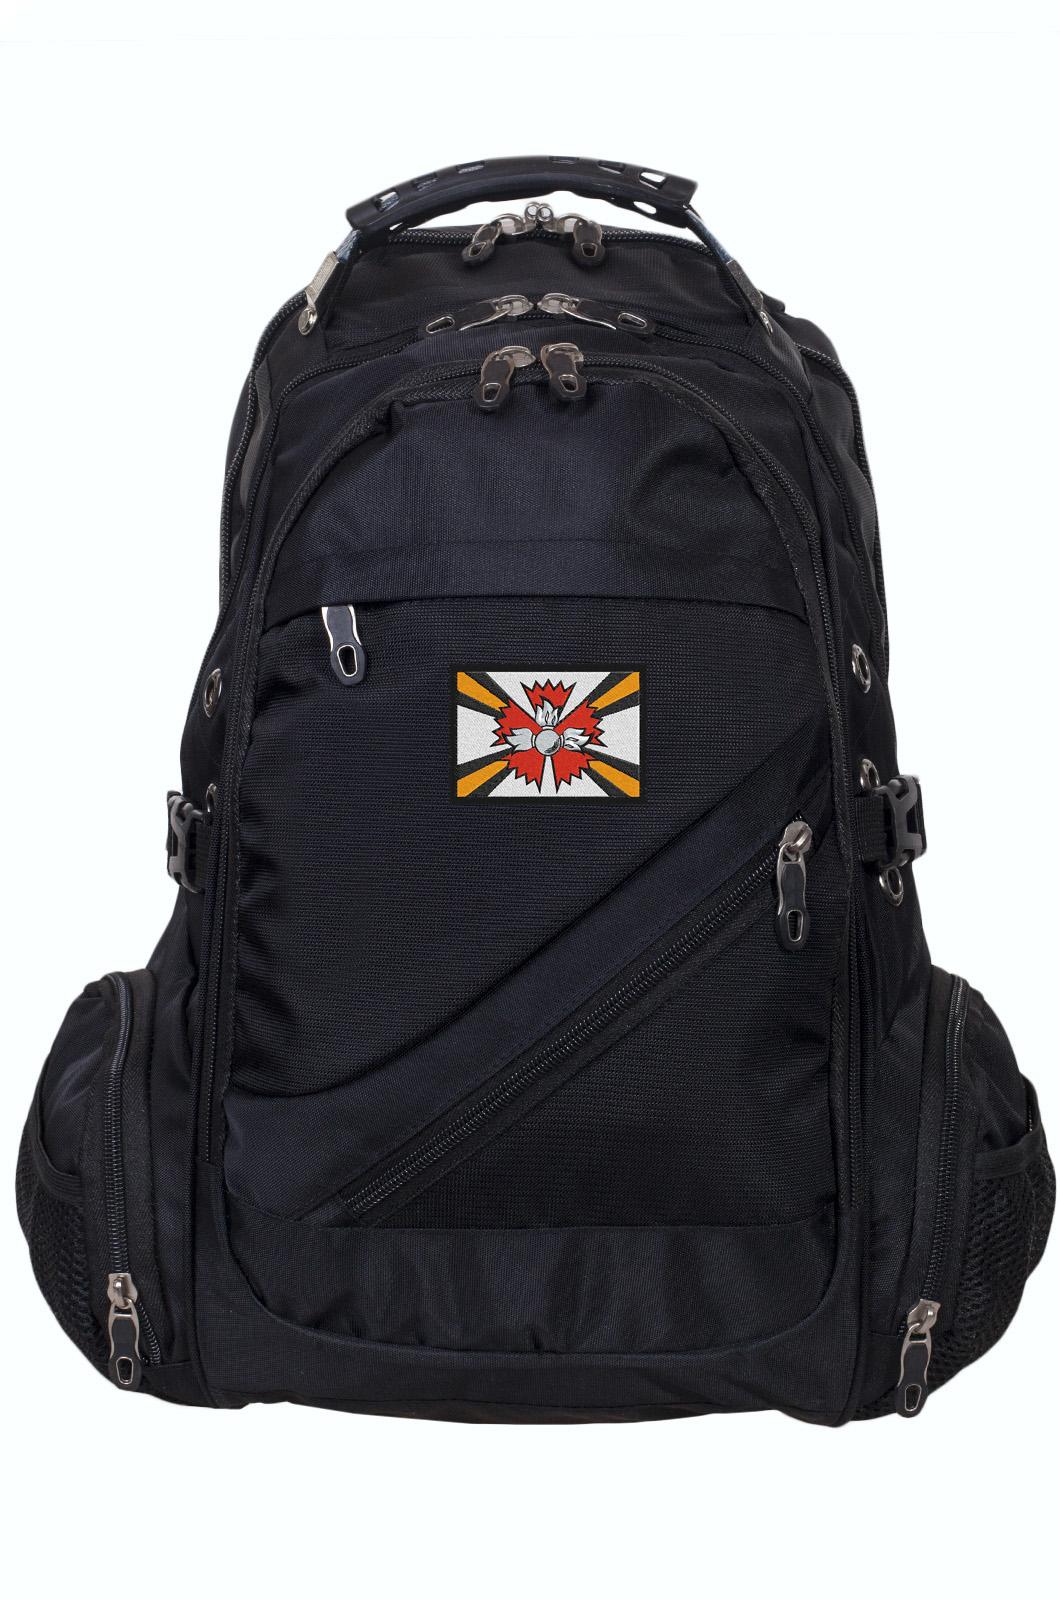 Мужской городской рюкзак с шевроном РВиА